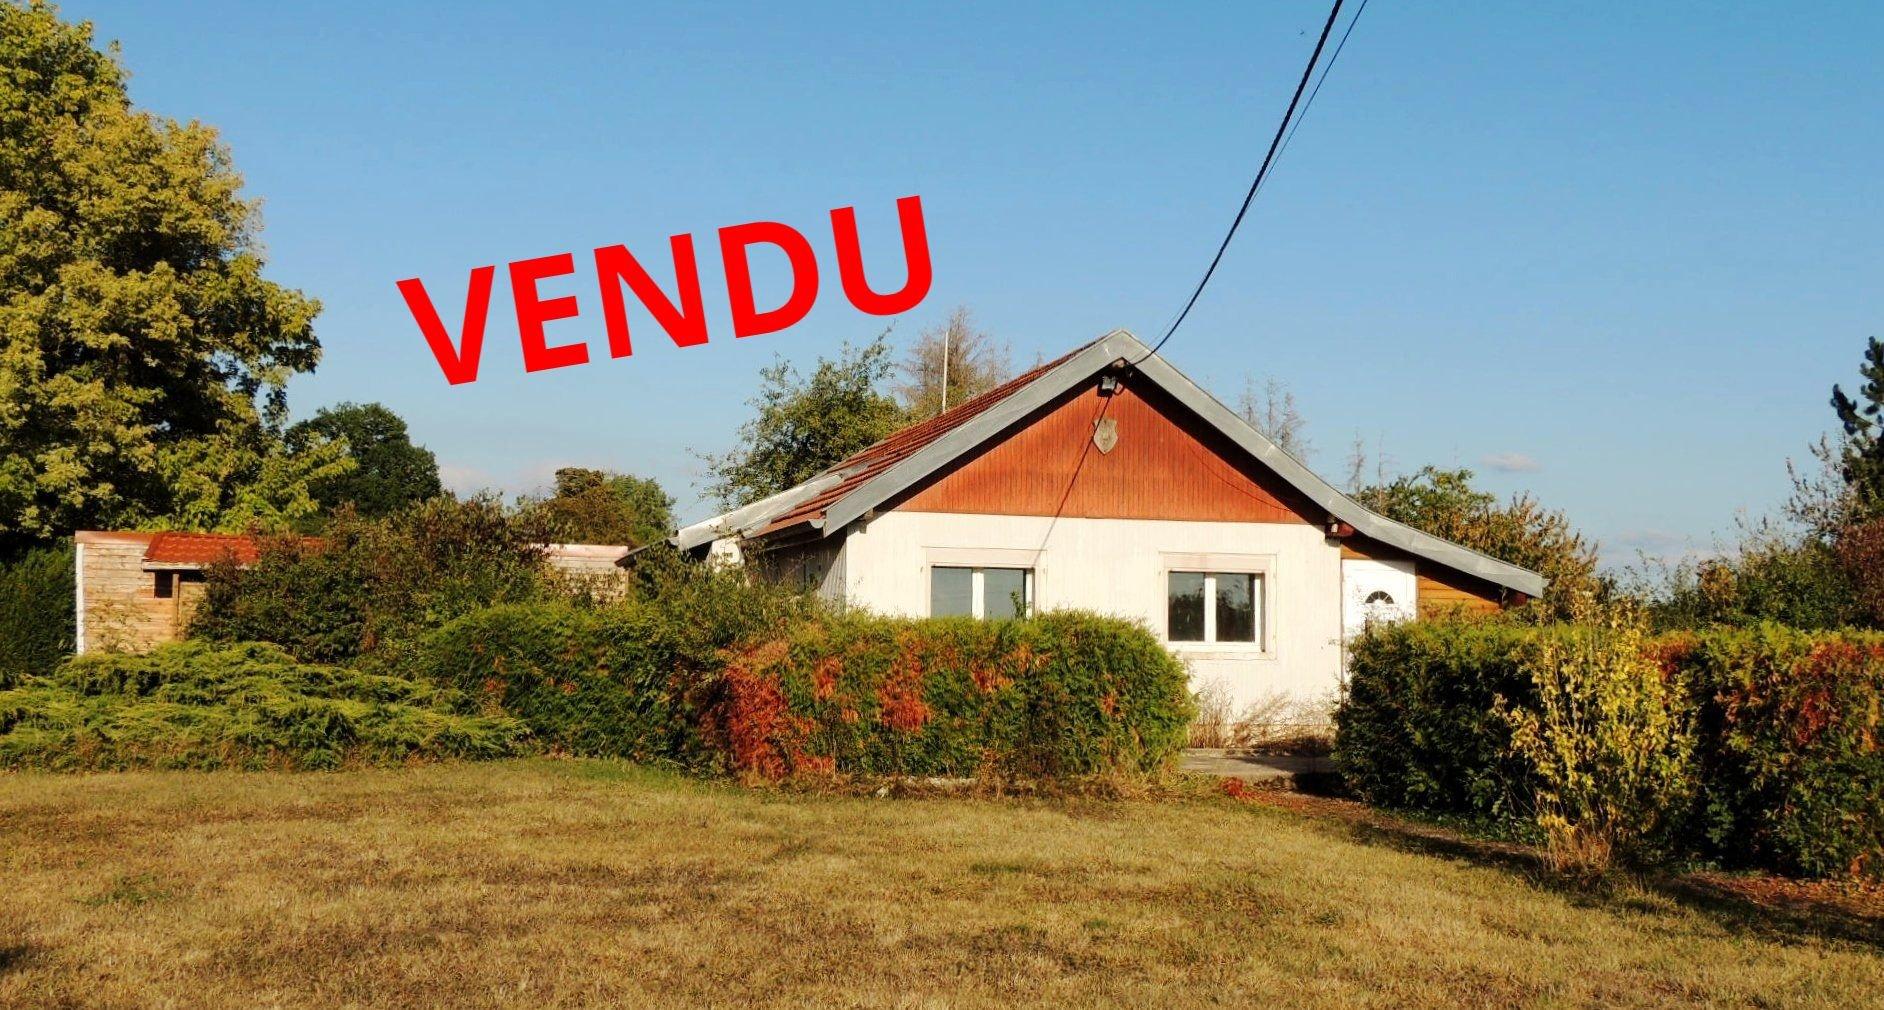 DESOLEE, VENDU